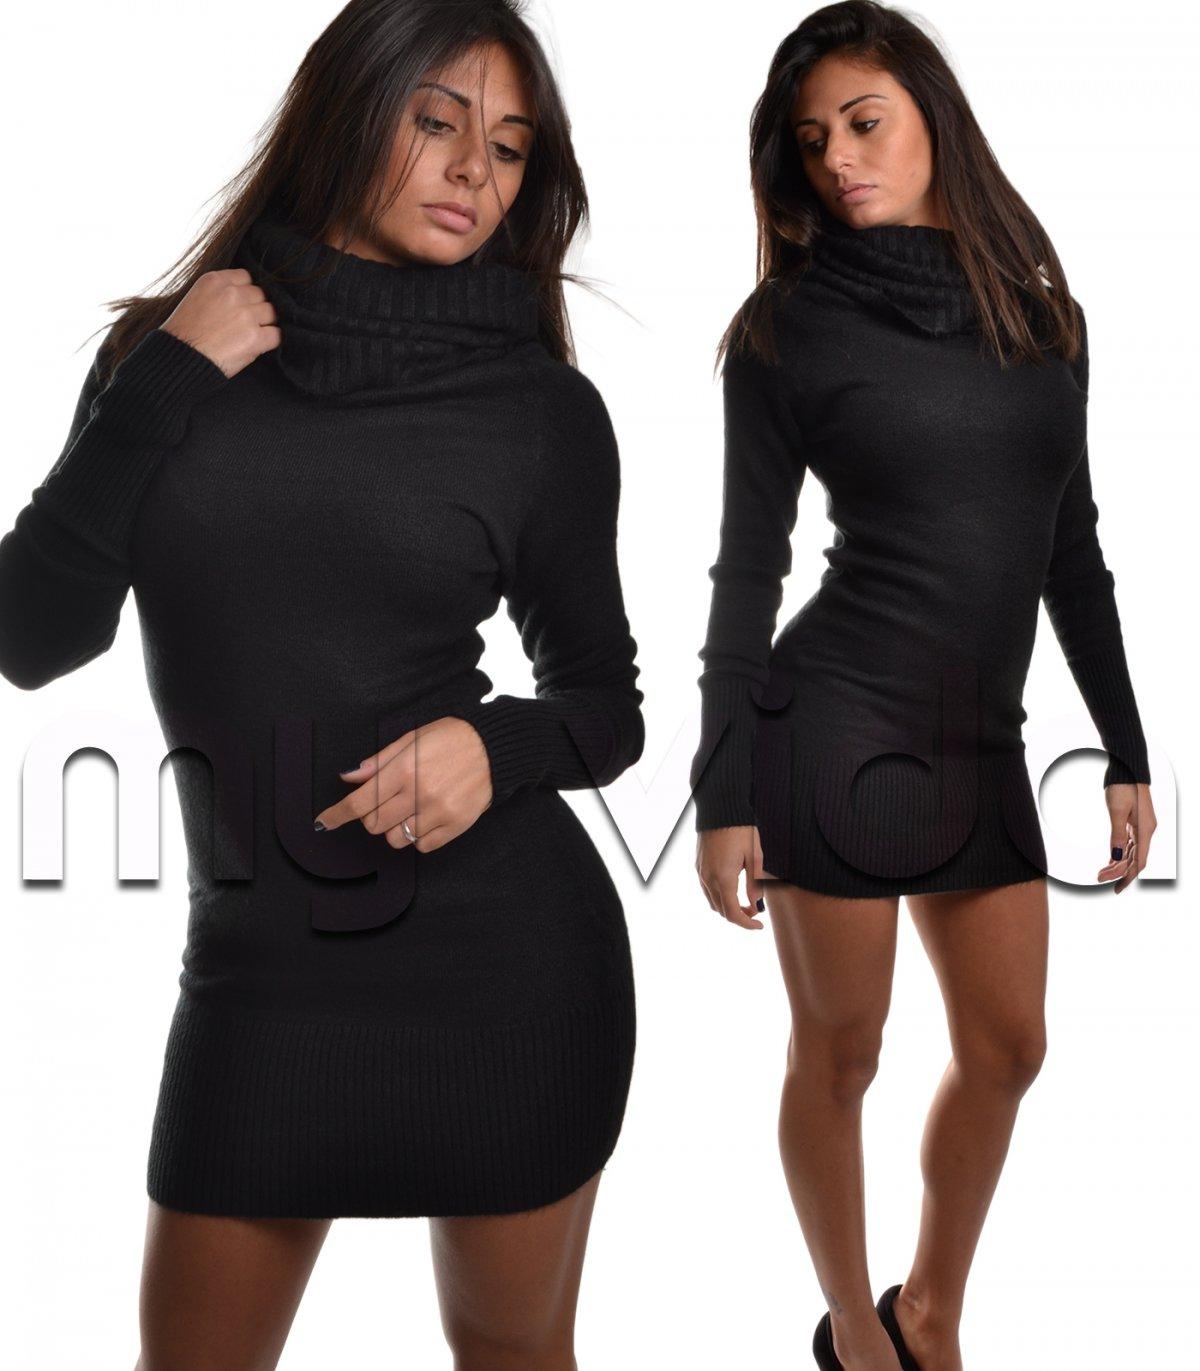 best service 57b8d d6d45 Collezione Pullover donna vestito collo alto lana | My Vida